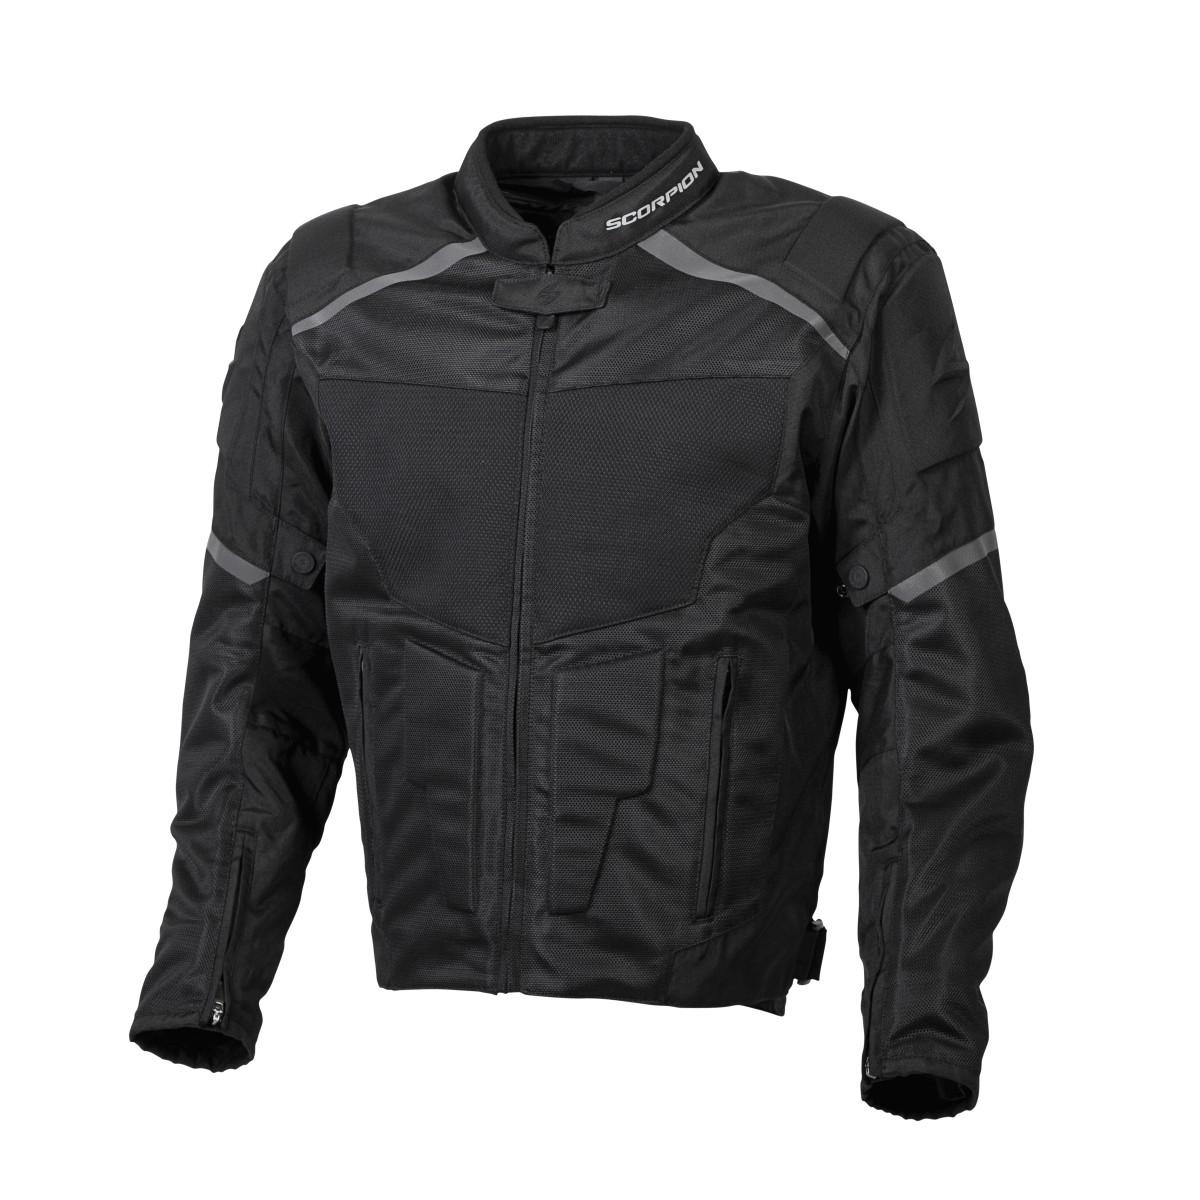 Scorpion Influx Mesh Street Bike Motorcycle Jacket Choose ...